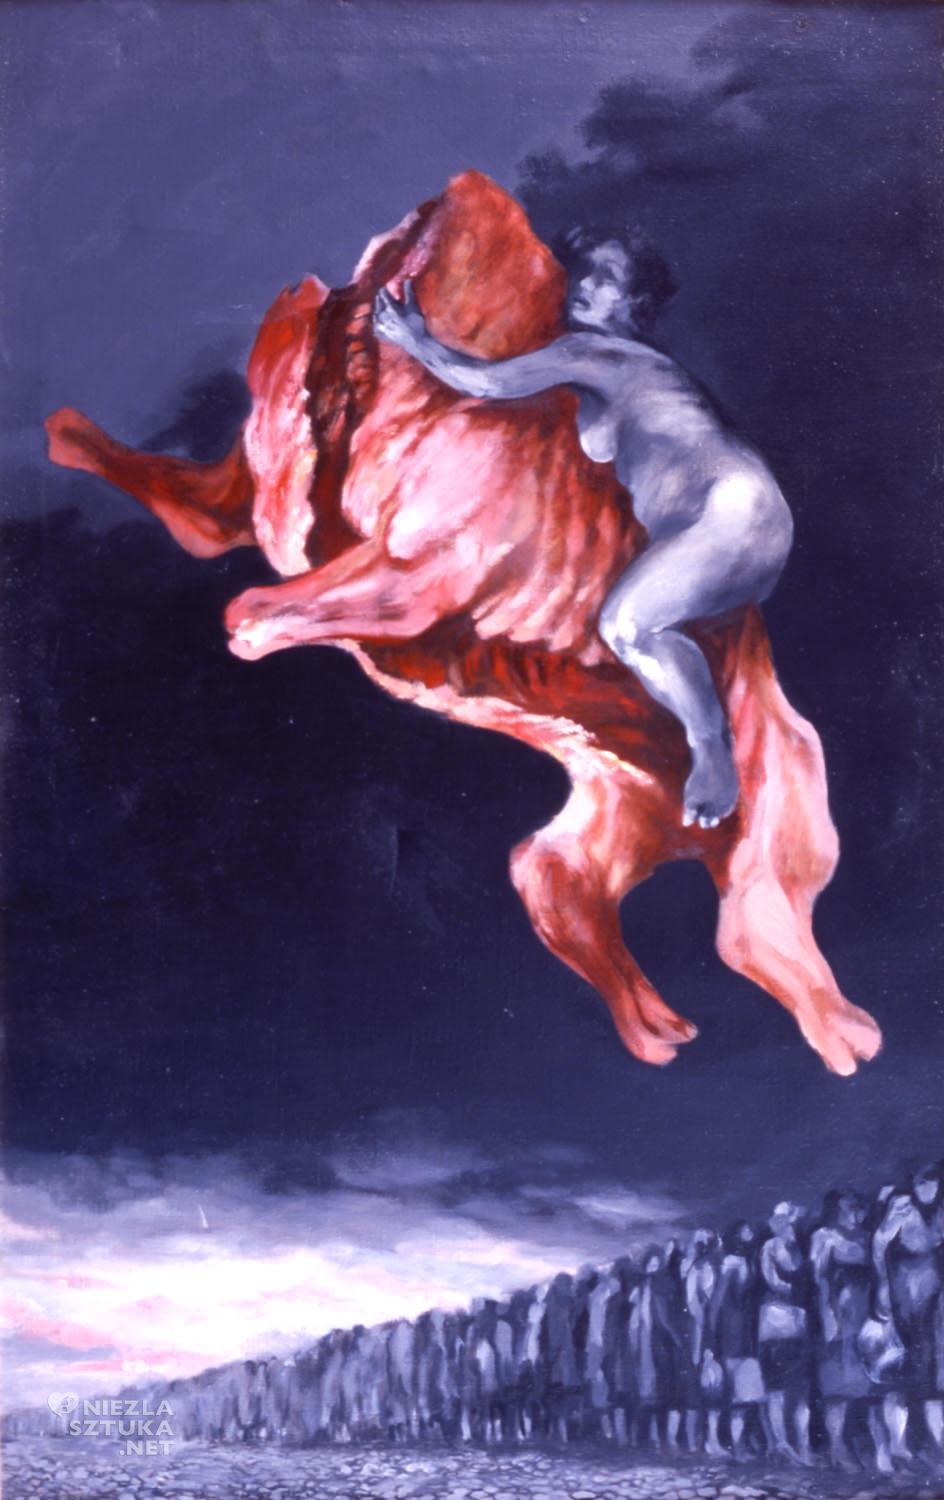 Zbylut Grzywacz, Szał (według Podkowińskiego), Szał uniesień, sztuka polska, sztuka współczesna, interferencje w sztuce, Niezła Sztuka